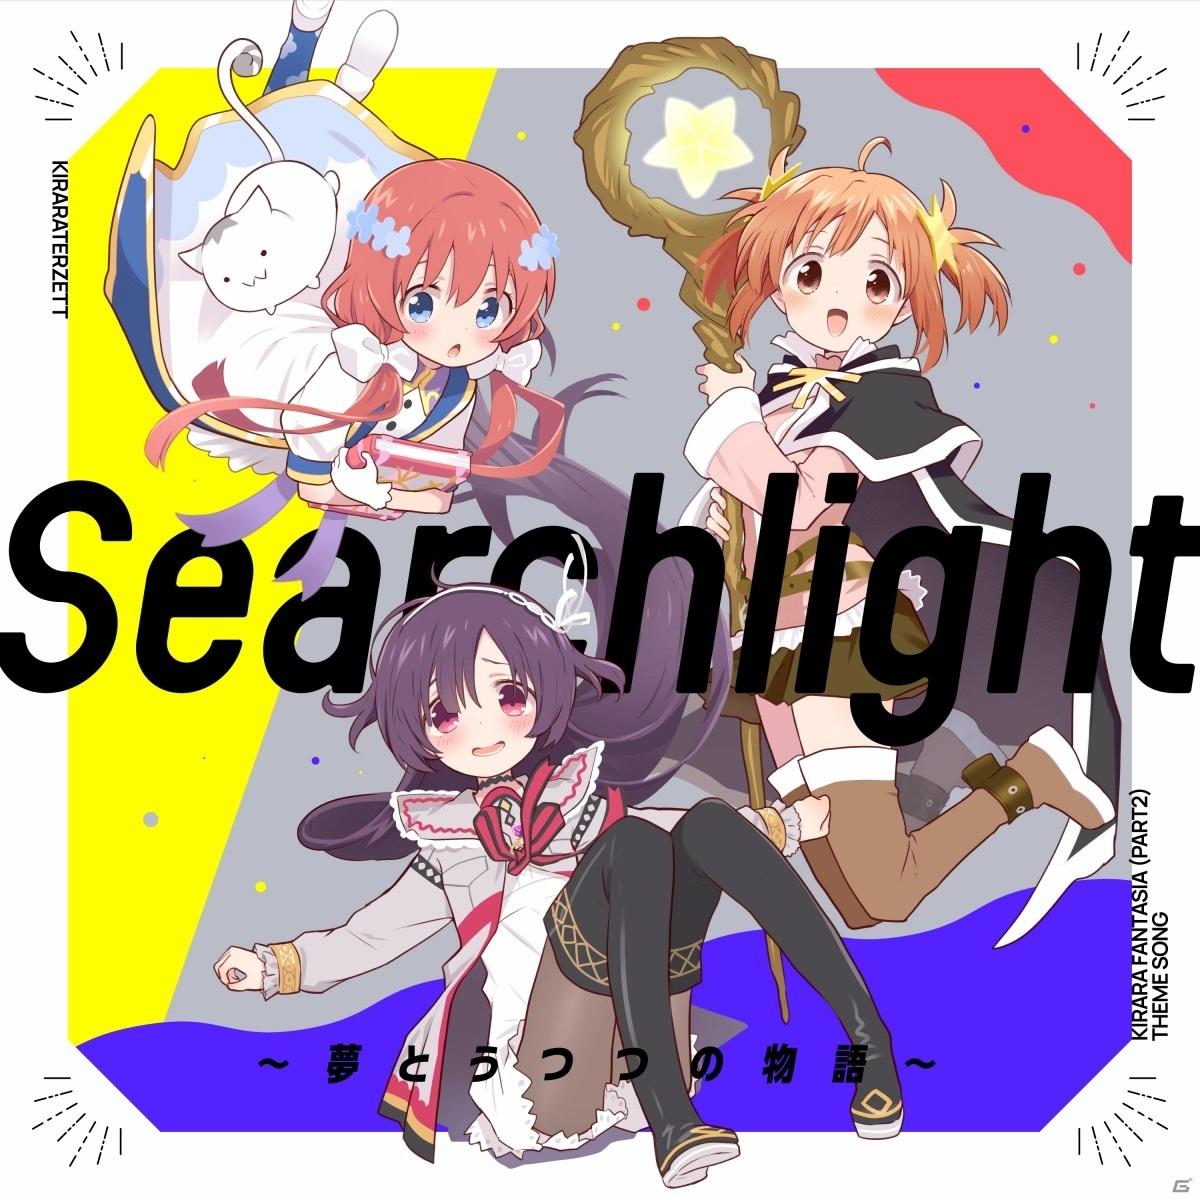 「きららファンタジア」ゲーム内で第2部アニメ映像が公開!主題歌「Searchlight ~夢とうつつの物語~」も配信